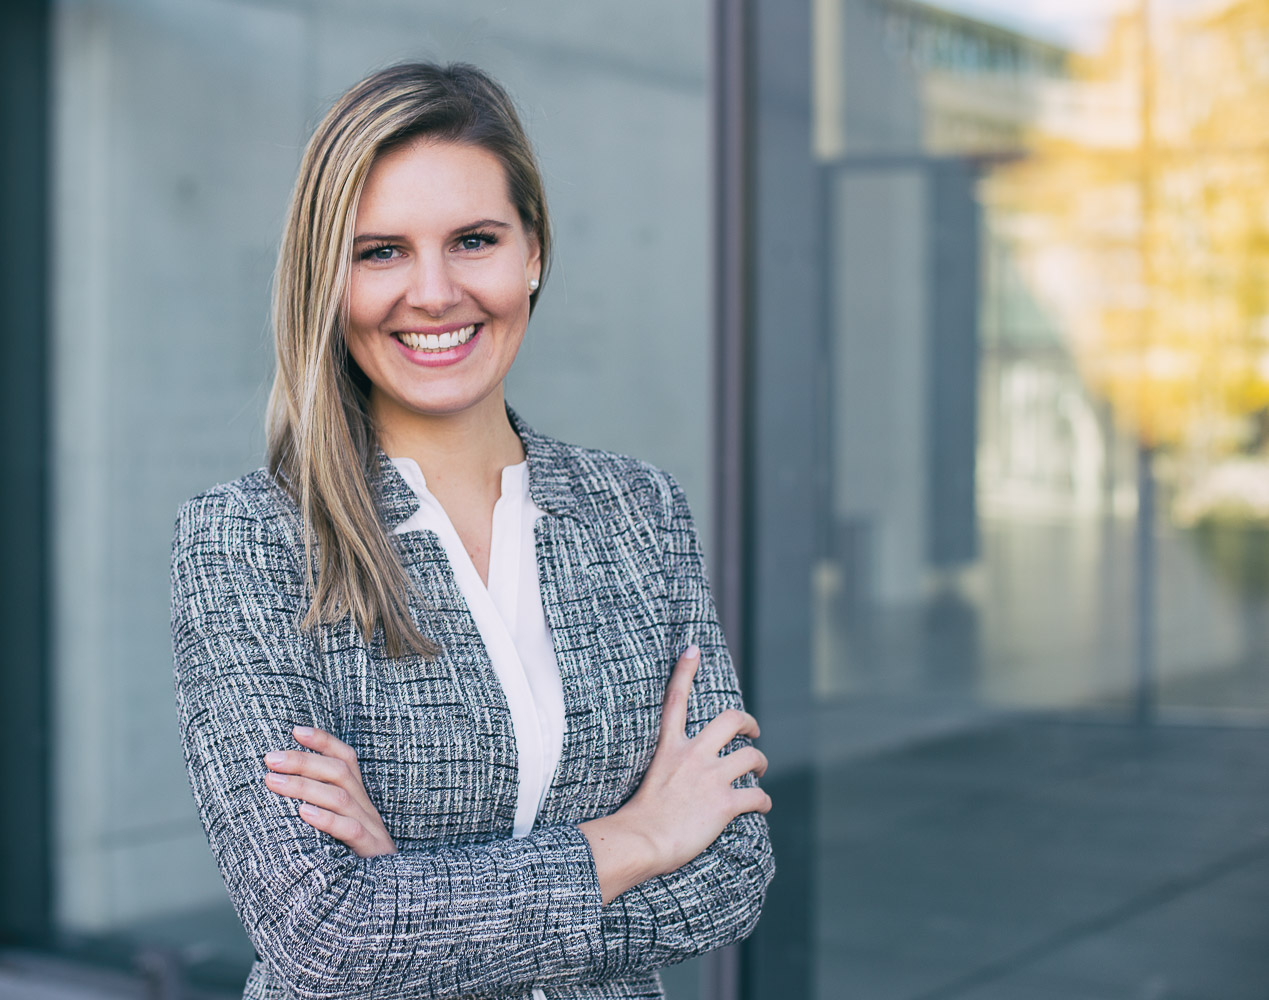 Eine junge Frau mit einem echten, natürlichen Lächeln auf einem Bewerbungsfoto von Scrowl München